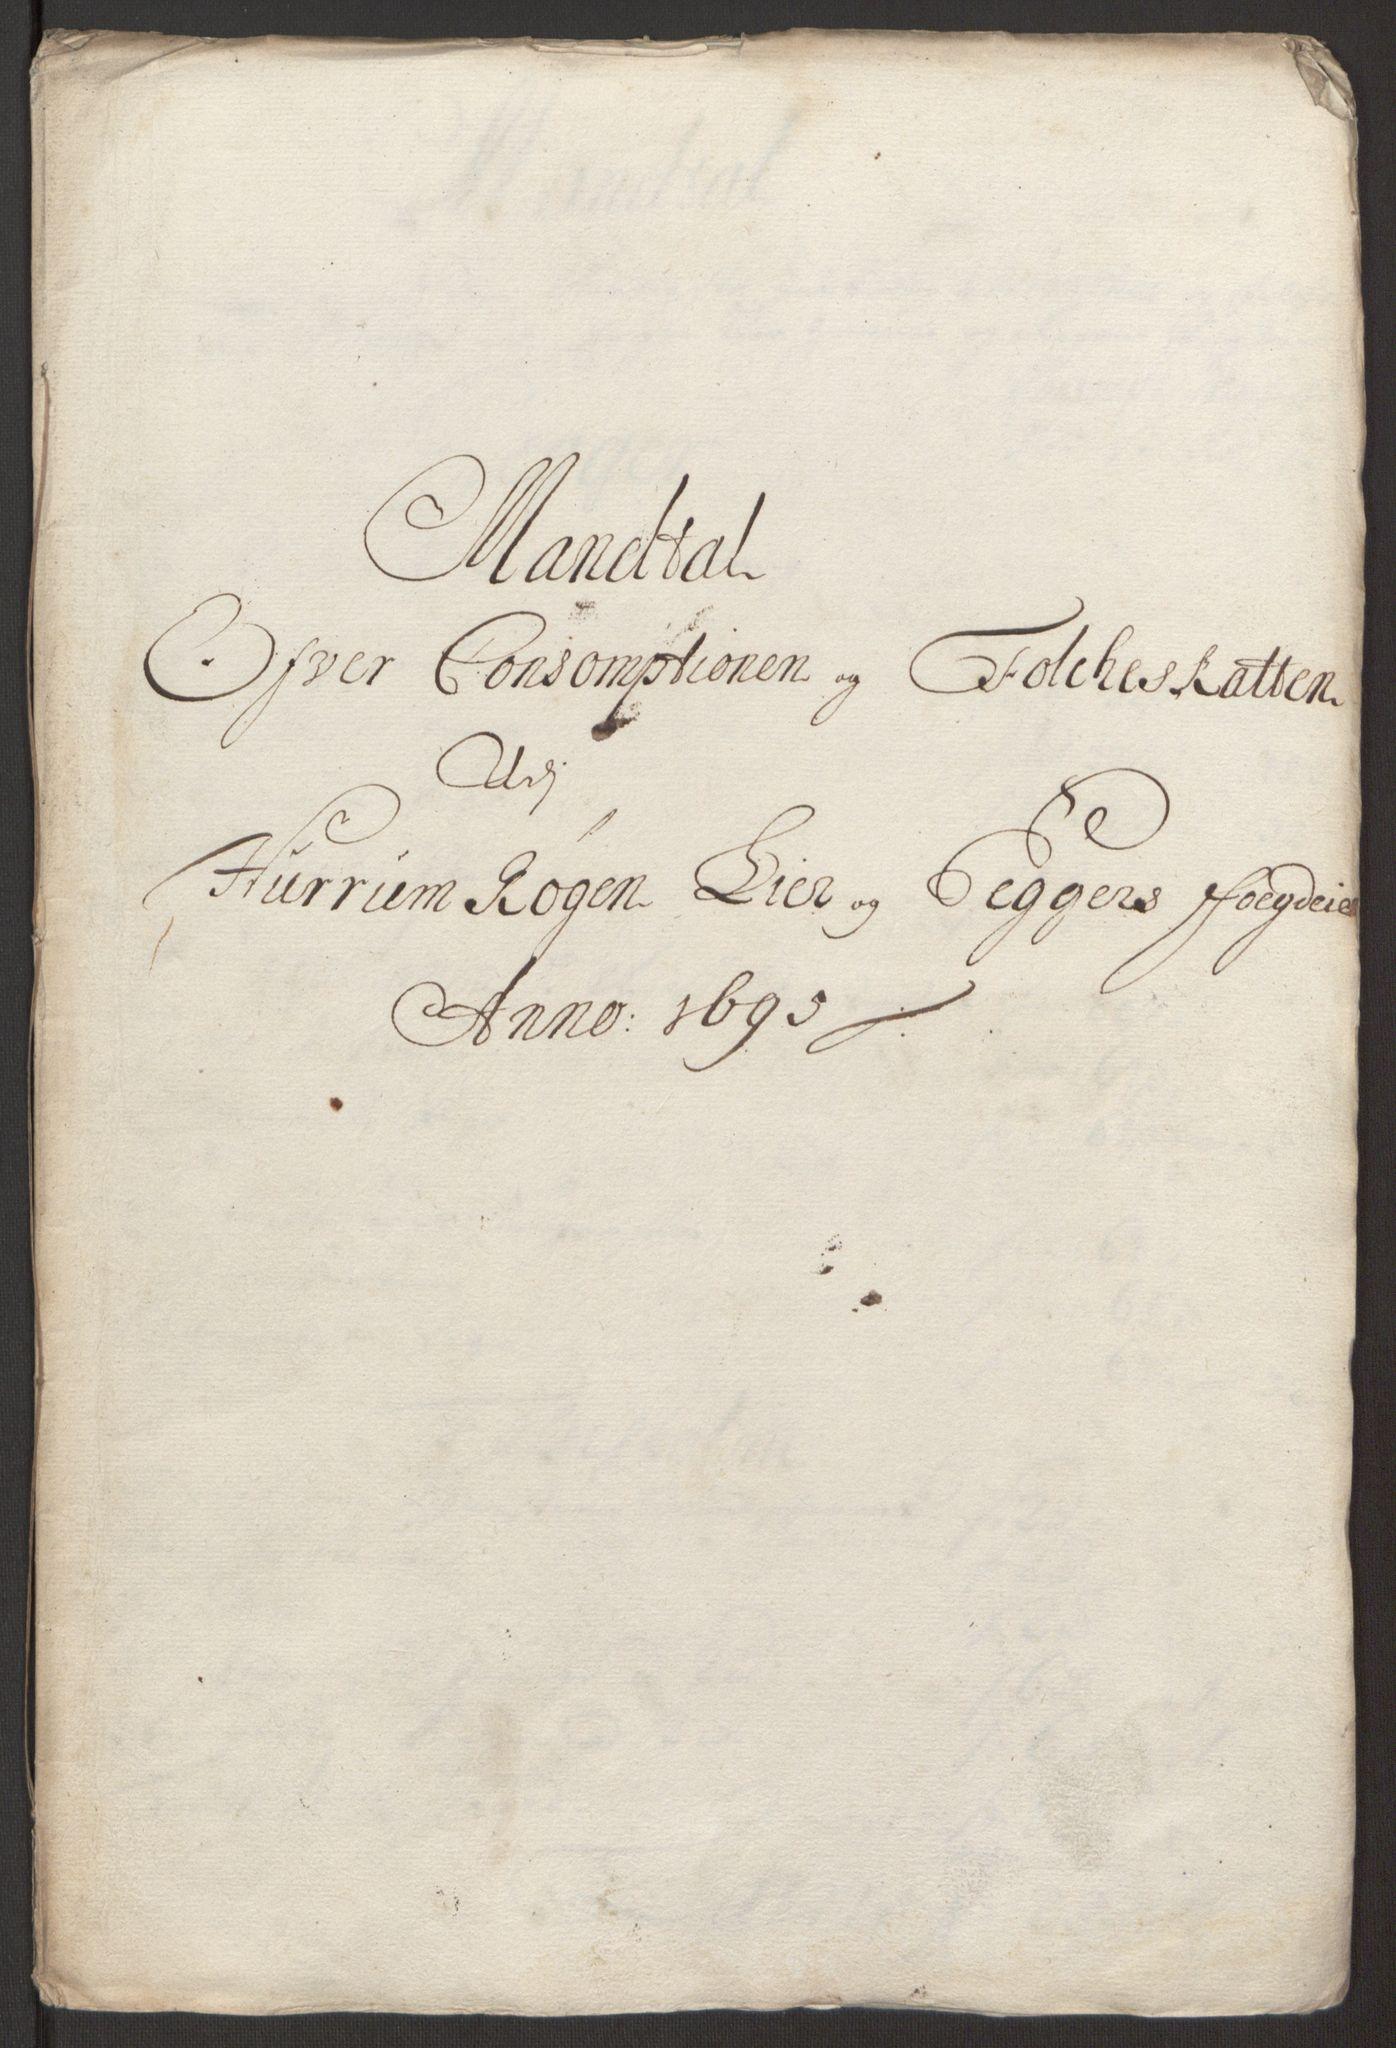 RA, Rentekammeret inntil 1814, Reviderte regnskaper, Fogderegnskap, R30/L1694: Fogderegnskap Hurum, Røyken, Eiker og Lier, 1694-1696, s. 283